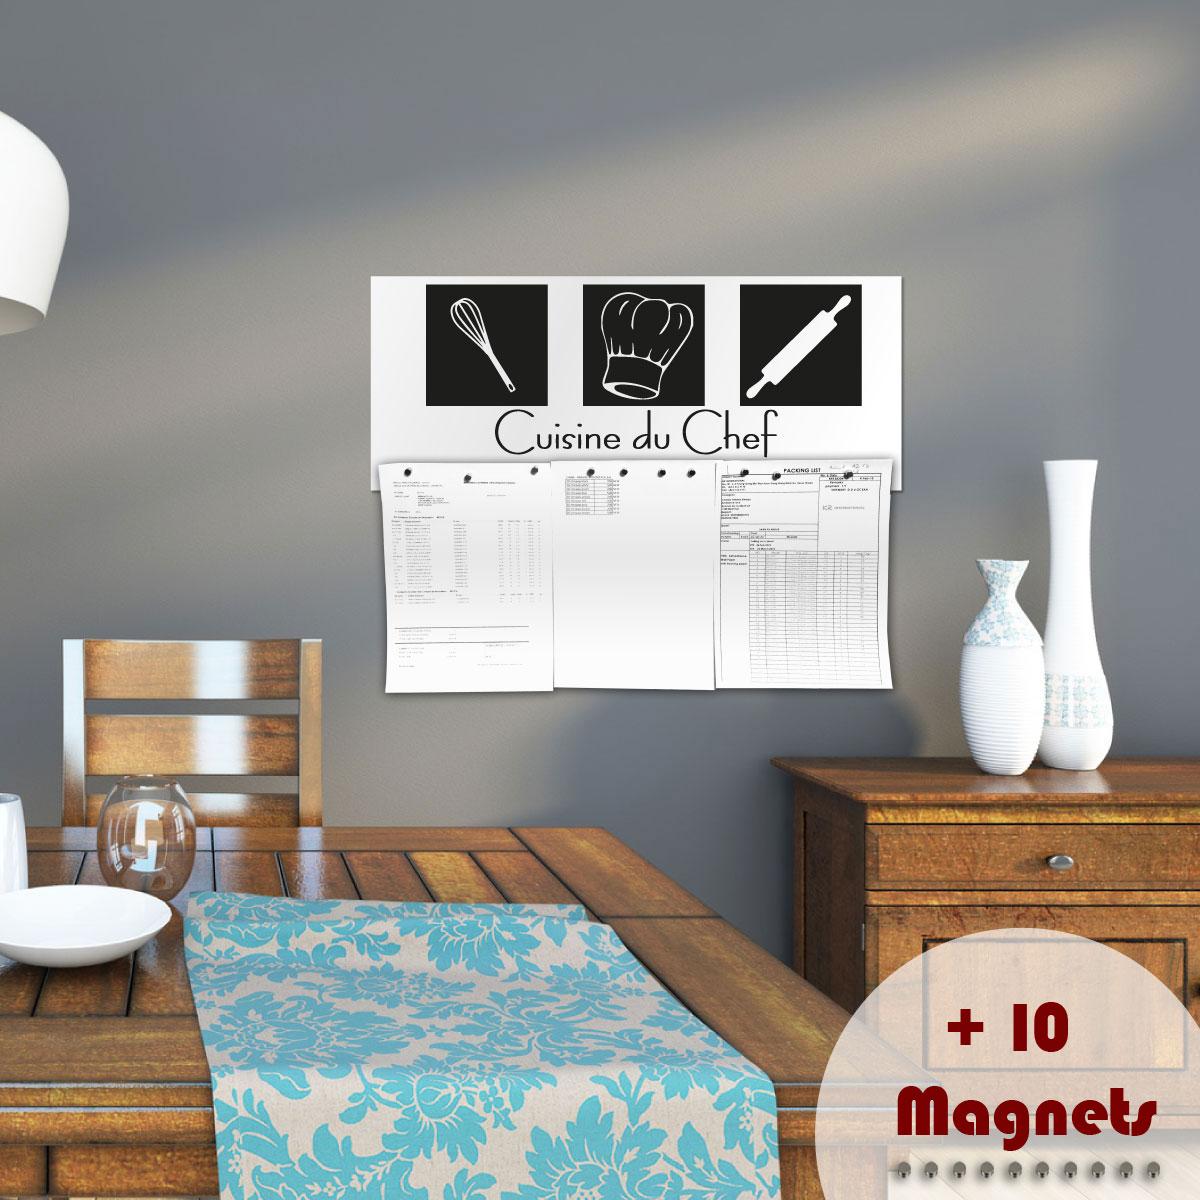 Sticker magn tique sticker magn tique cuisine du chef ambiance - Papier peint magnetique mural ...